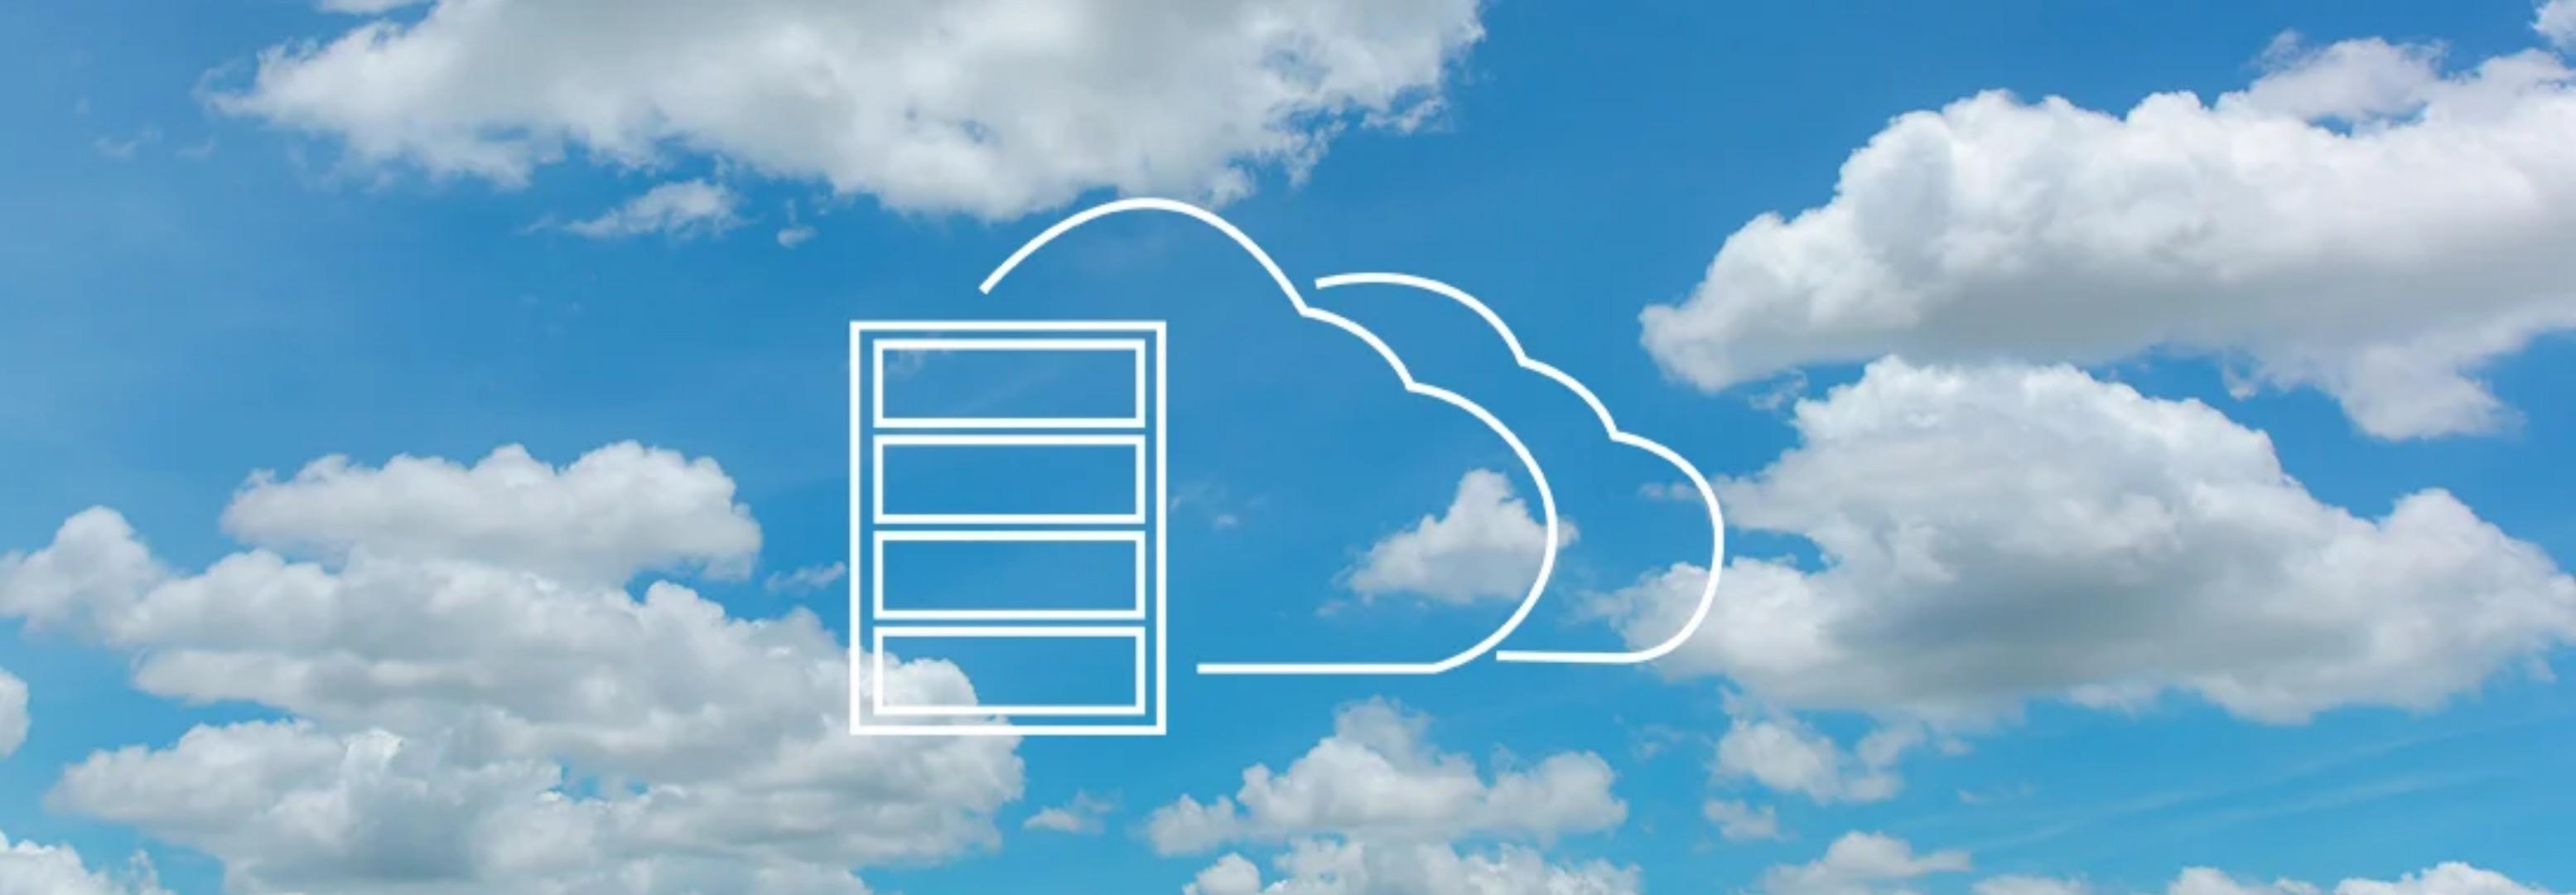 Wolkiger blauer Himmel mit Icon eines Cloud Servers im Vordergrund